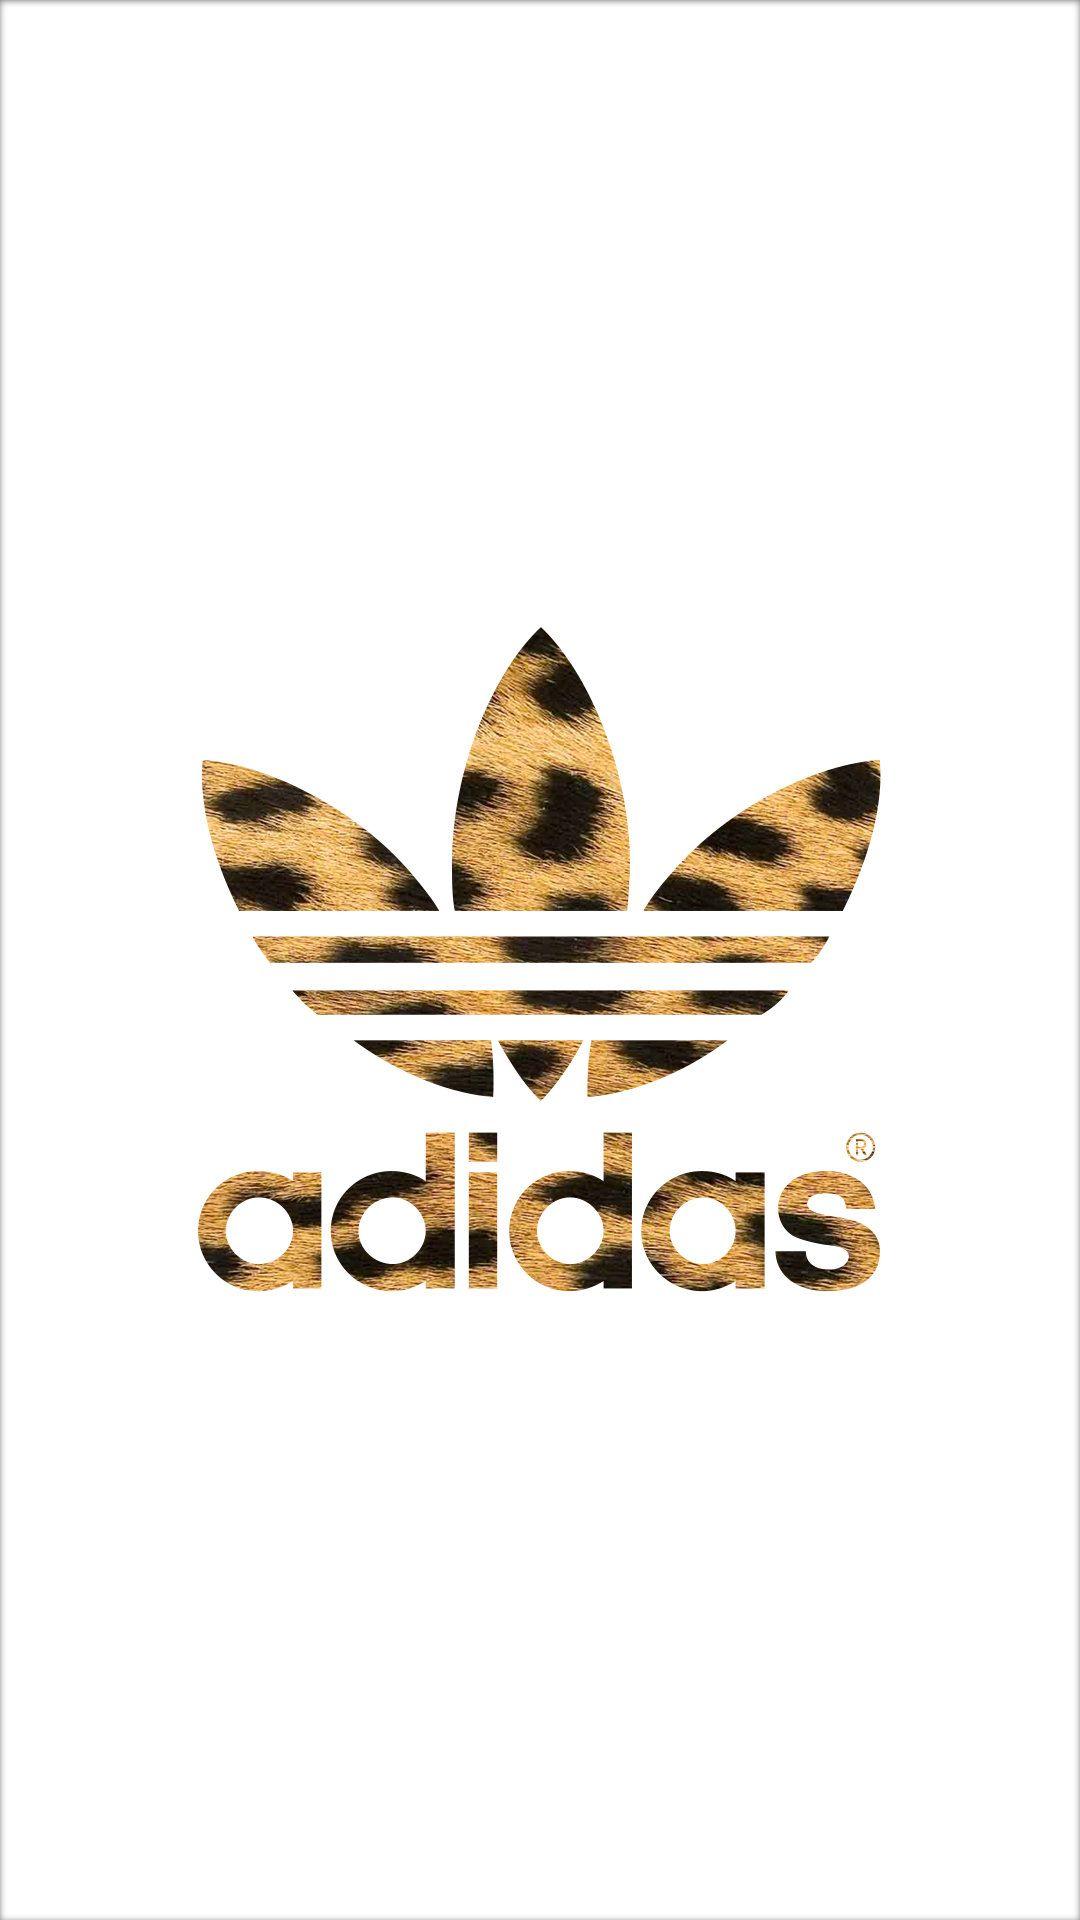 Adidas アディダス の高画質スマホ壁紙25枚 アディダス アディダス壁紙 壁紙